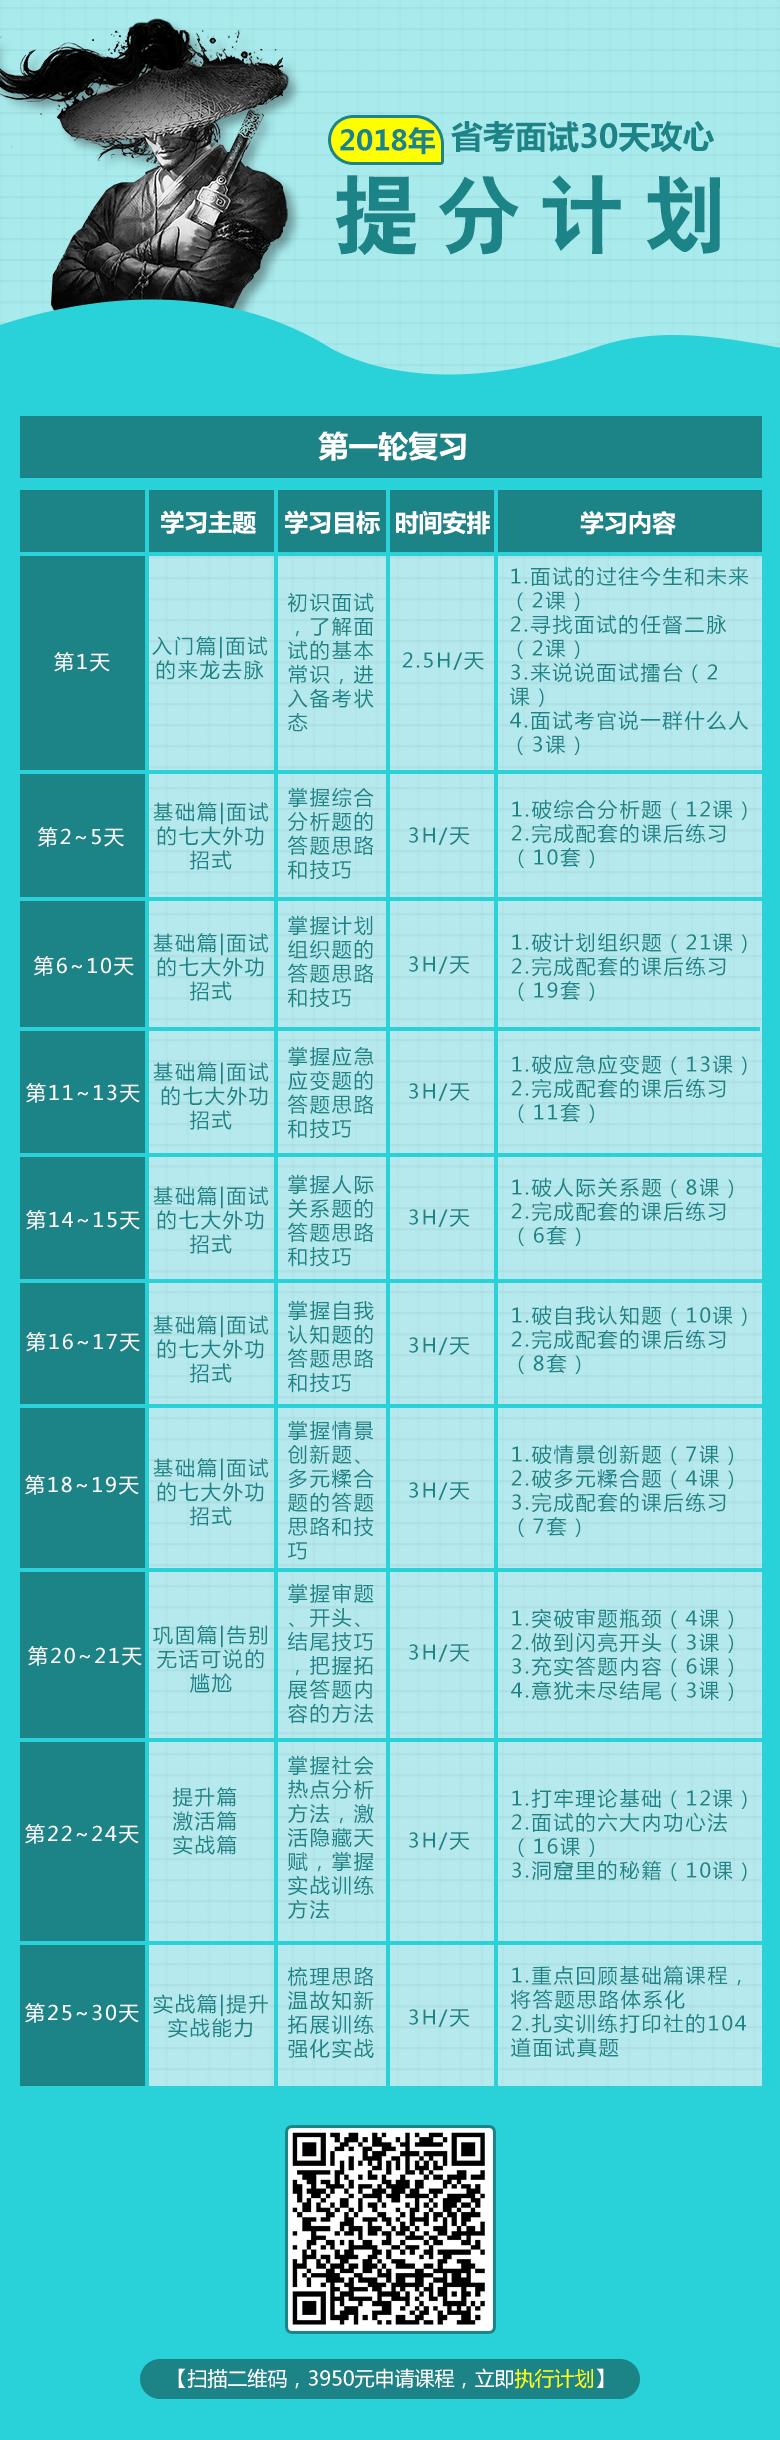 2018年省考面试30天攻心提分计划.png